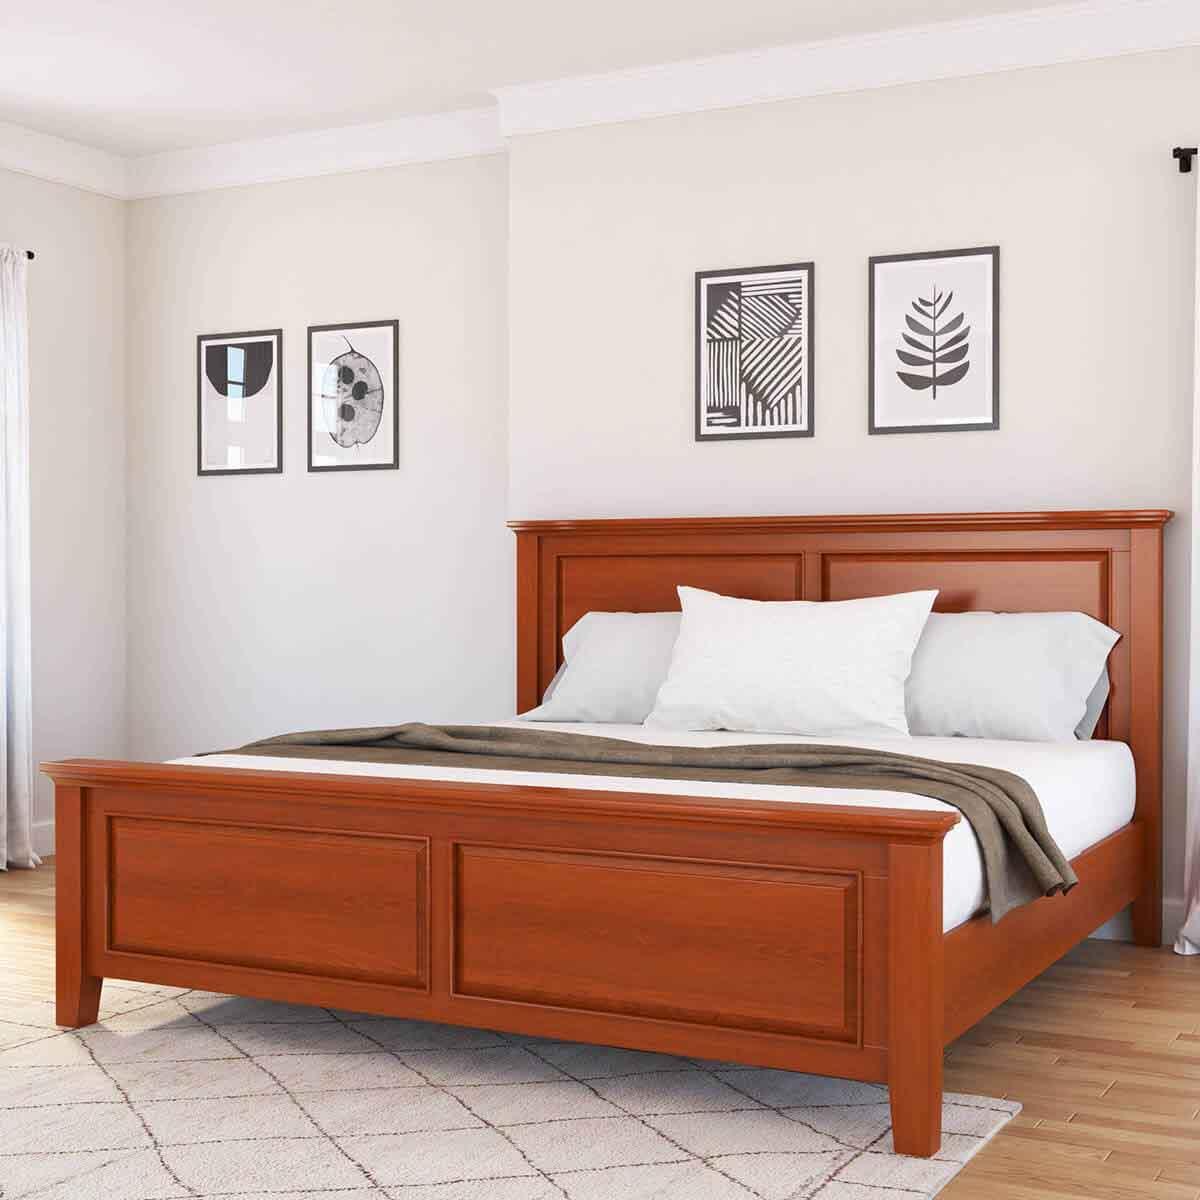 تخت خواب چوبی ساخته شده از چوب ماهون